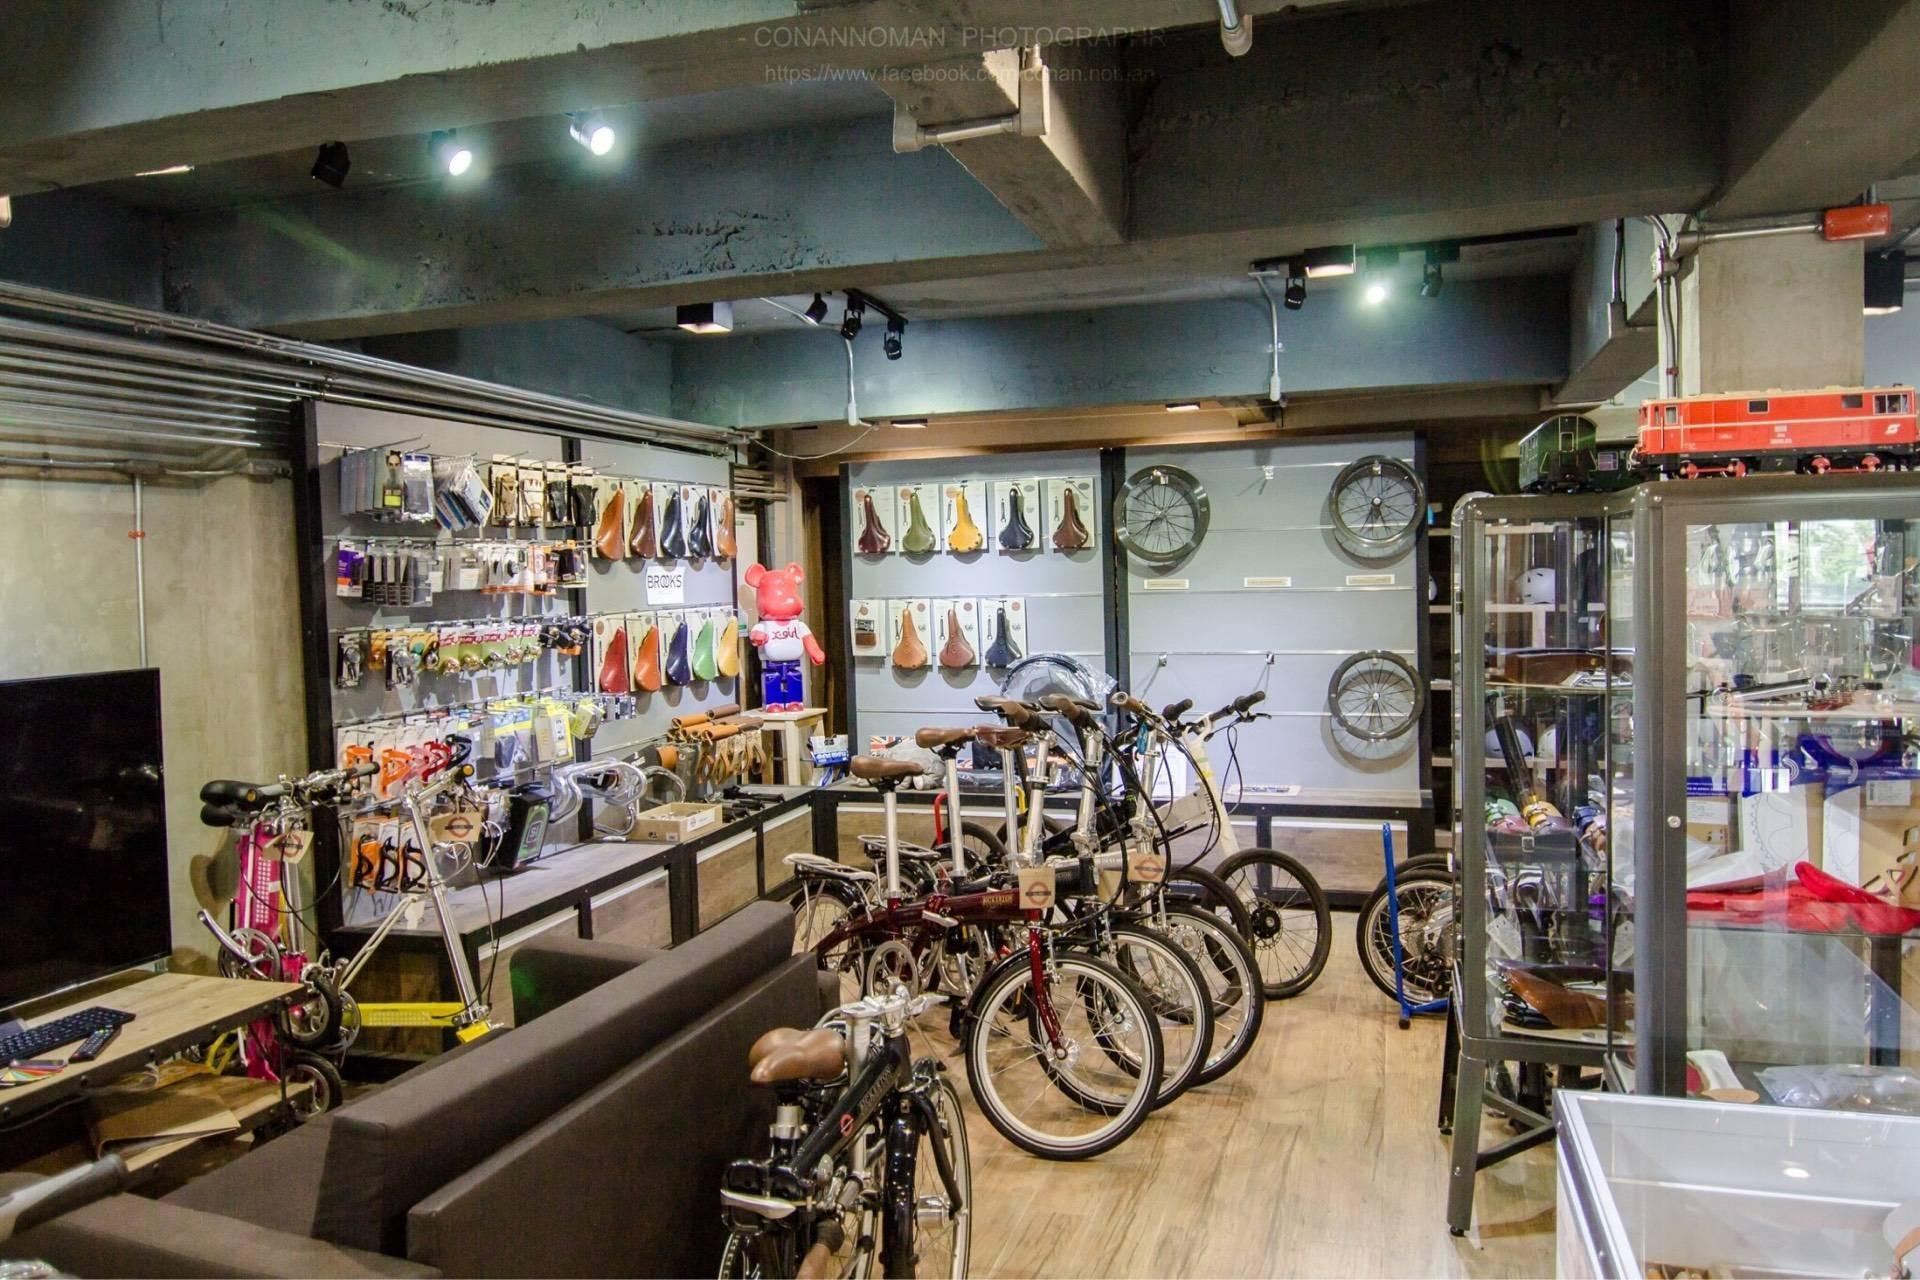 จักรยานและอุปกรณ์ต่างๆ